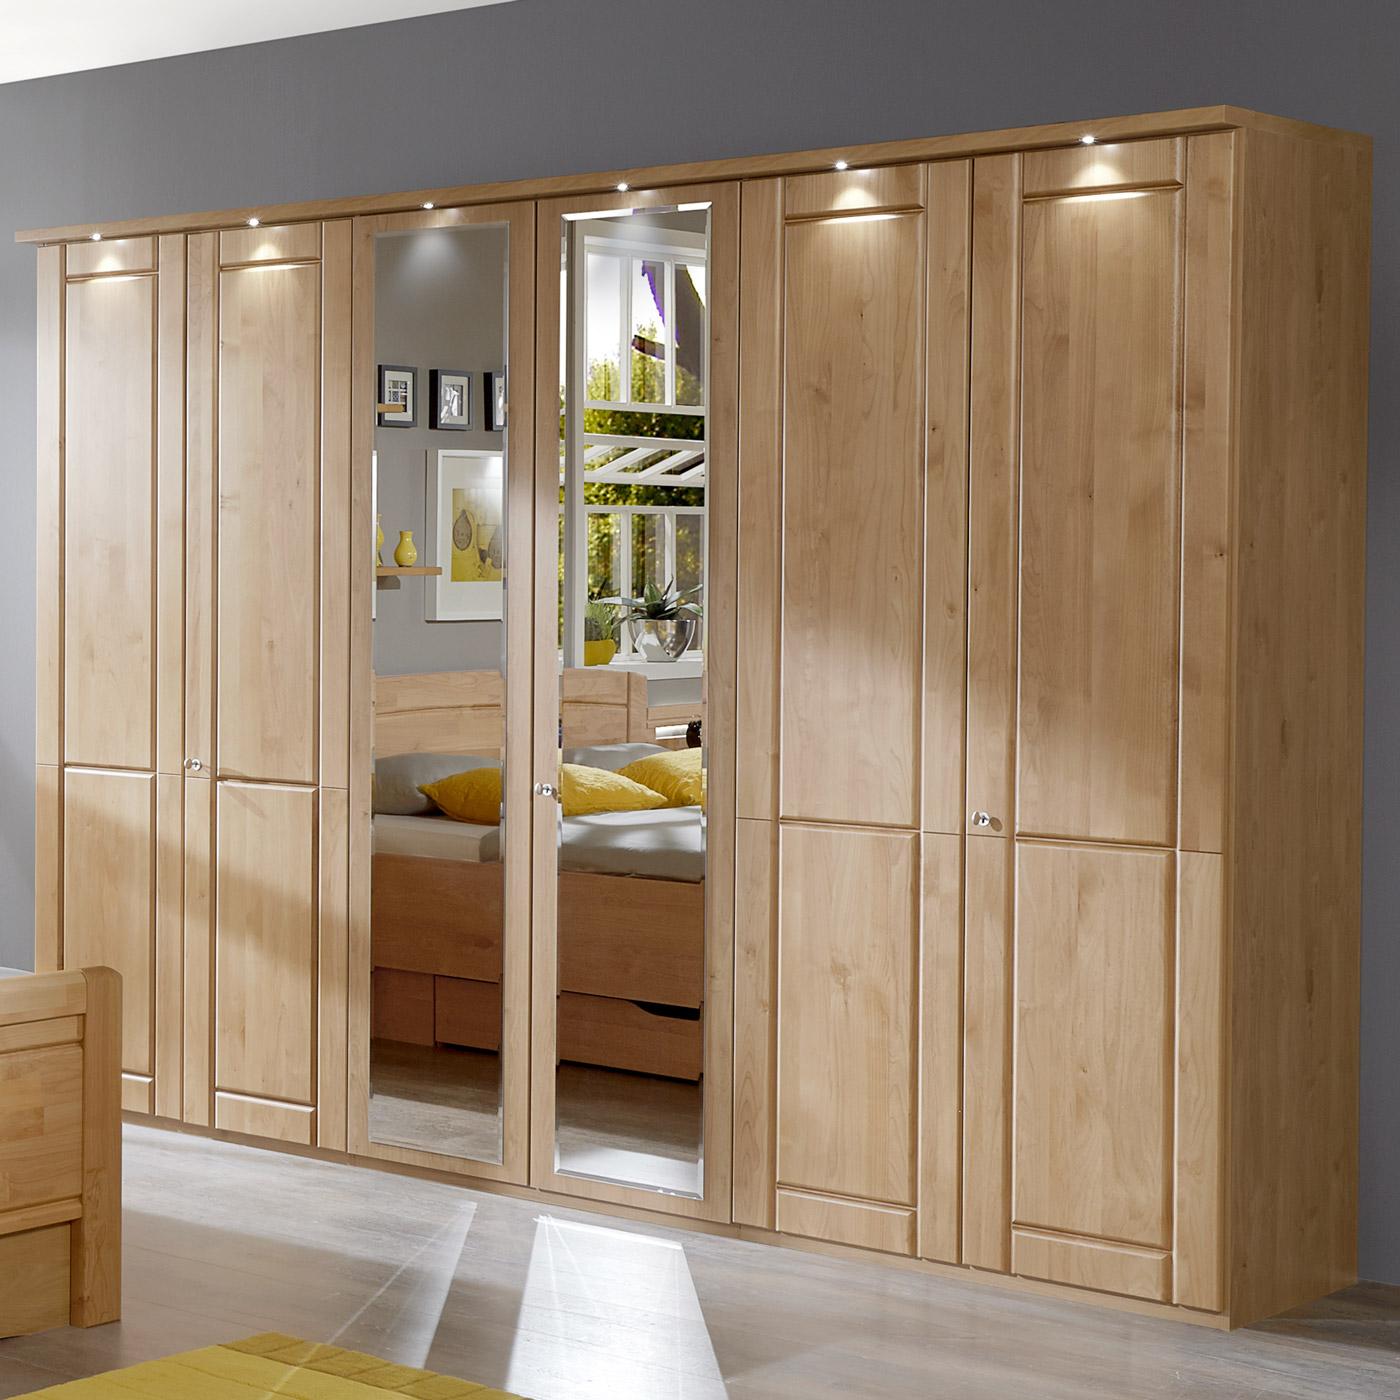 schlafzimmerschrank mit dreht ren und spiegel aus erle. Black Bedroom Furniture Sets. Home Design Ideas